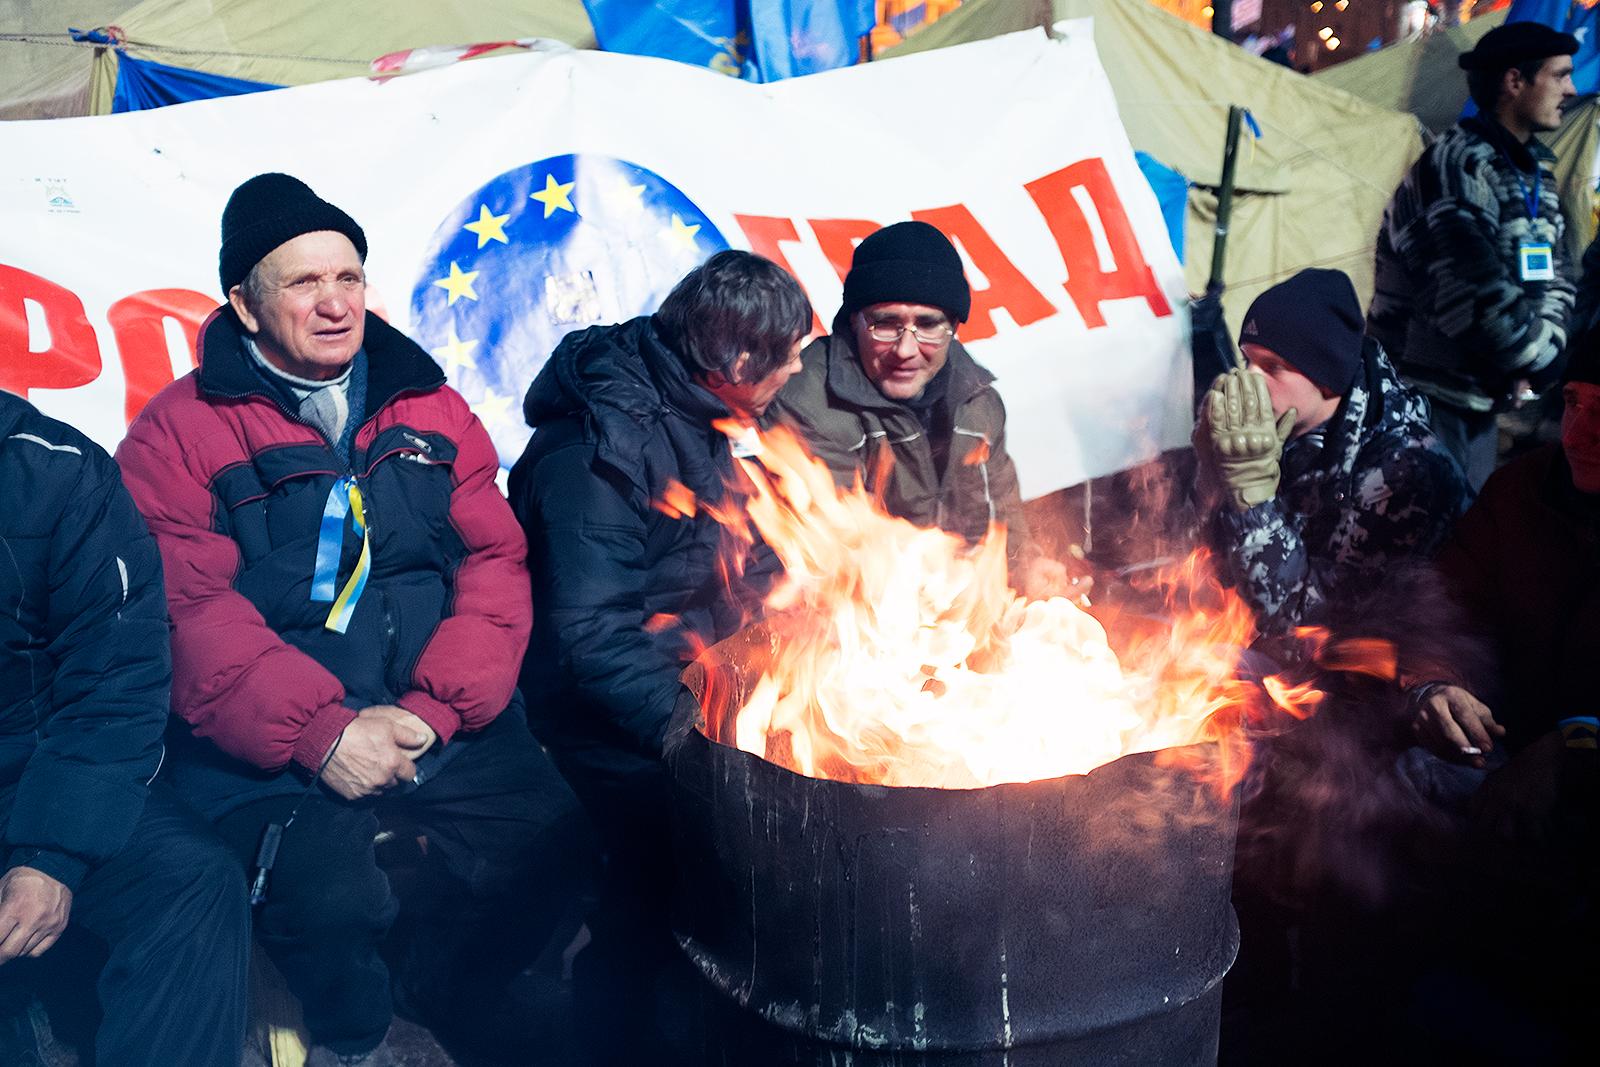 Украина: Оппозиция заявляет о формировании независимой власти, чиновники ждут что скажет президент